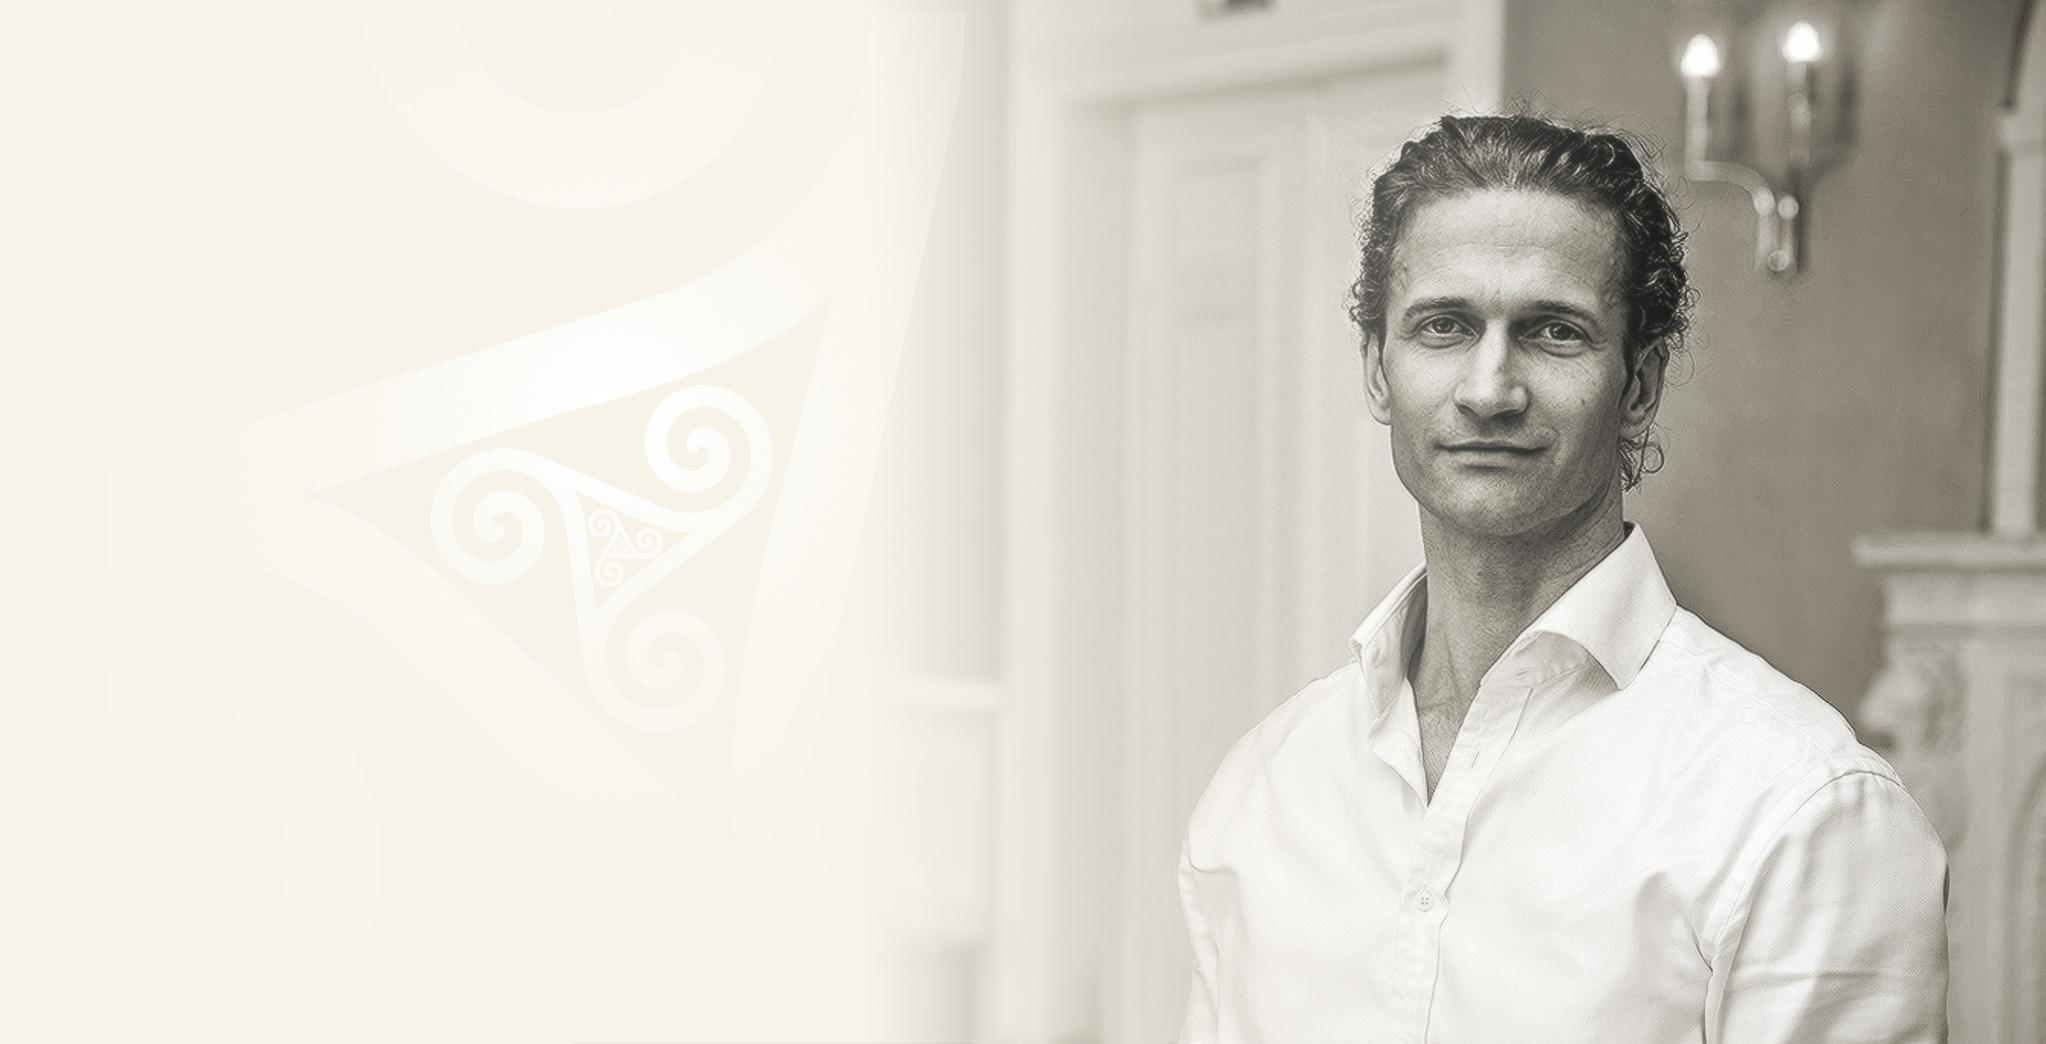 Marc Borries Systemische Psychotherapie Paartherapie Körperpsychotherapie Supervision Neustrelitz Waren Neubrandenburg